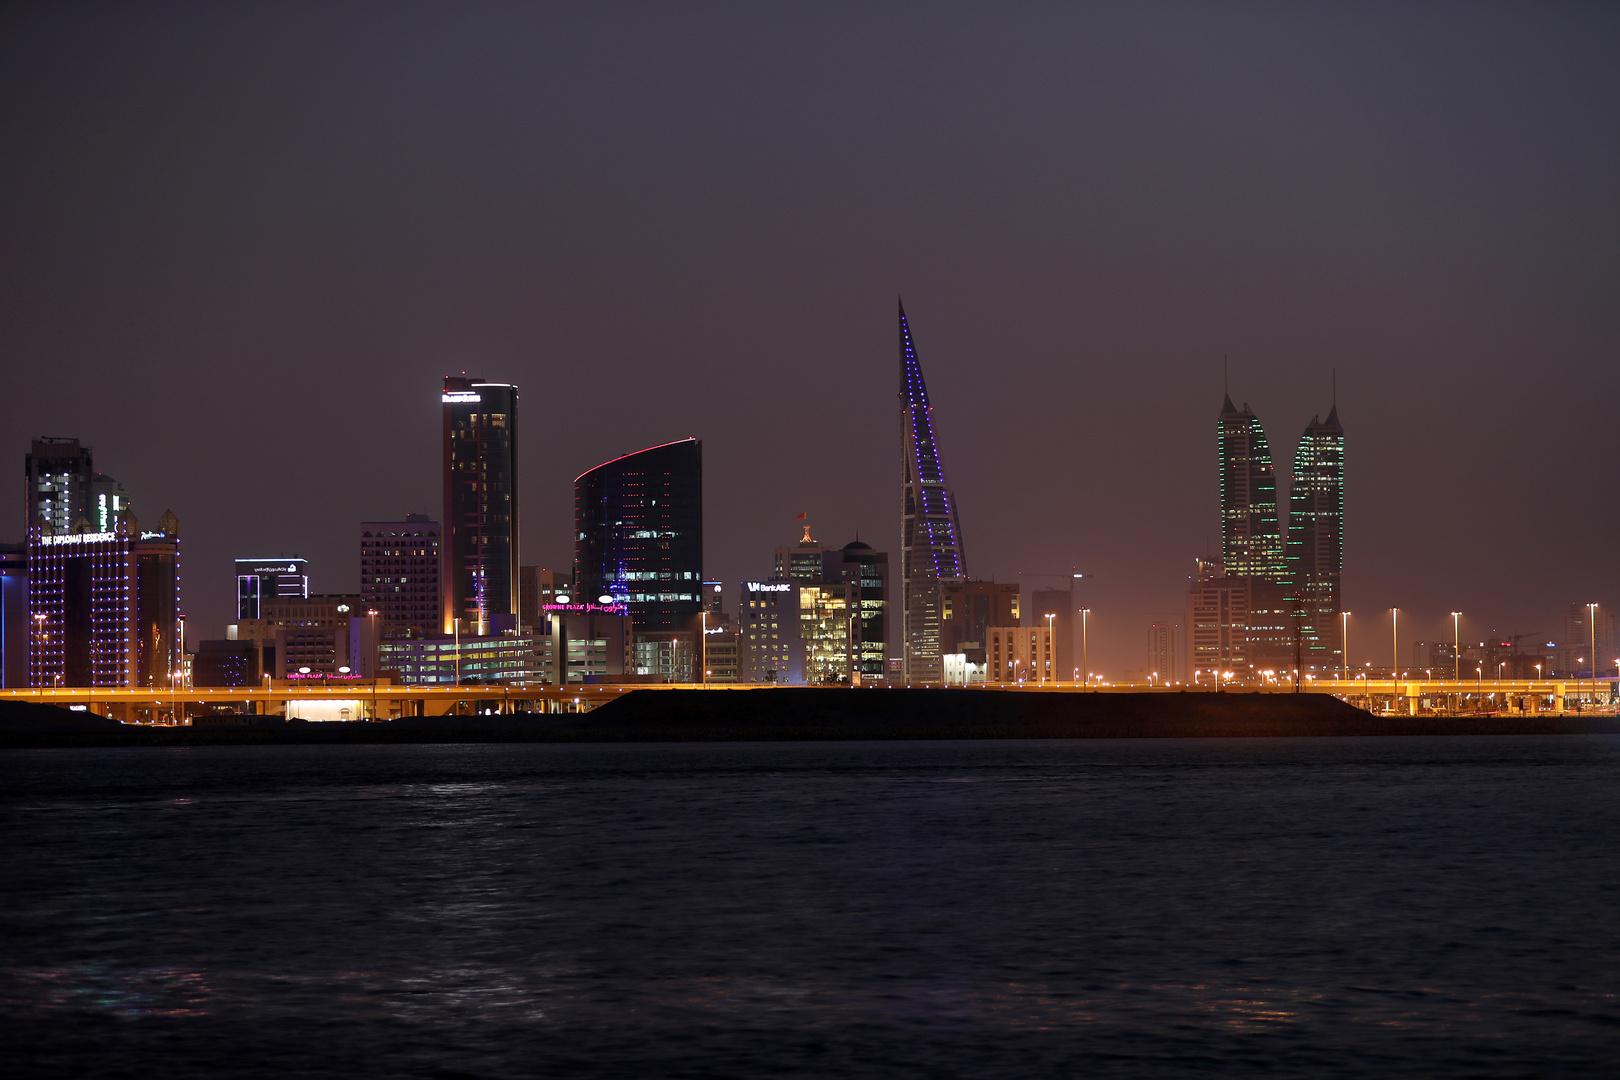 مسؤول بحريني: قطر لم تظهر أي جدية لحلحلة الملفات العالقة